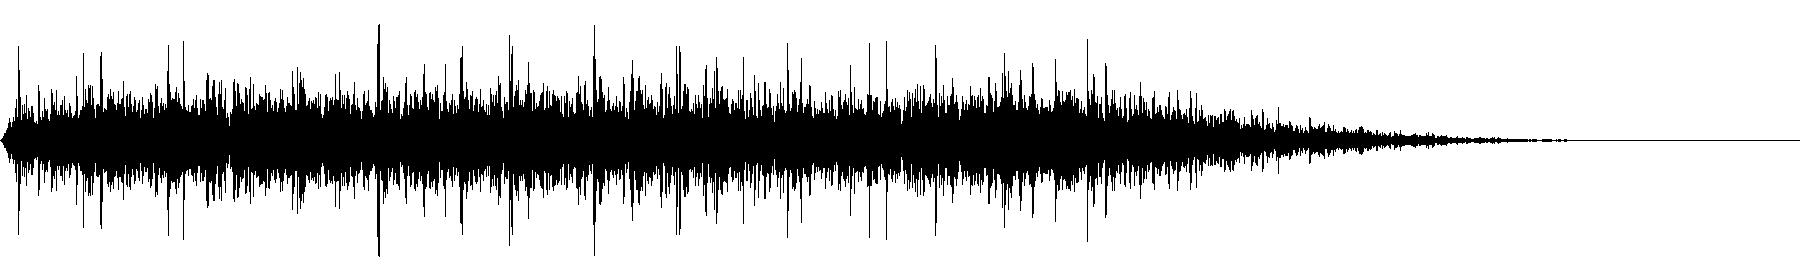 bluezone xworld sound 065